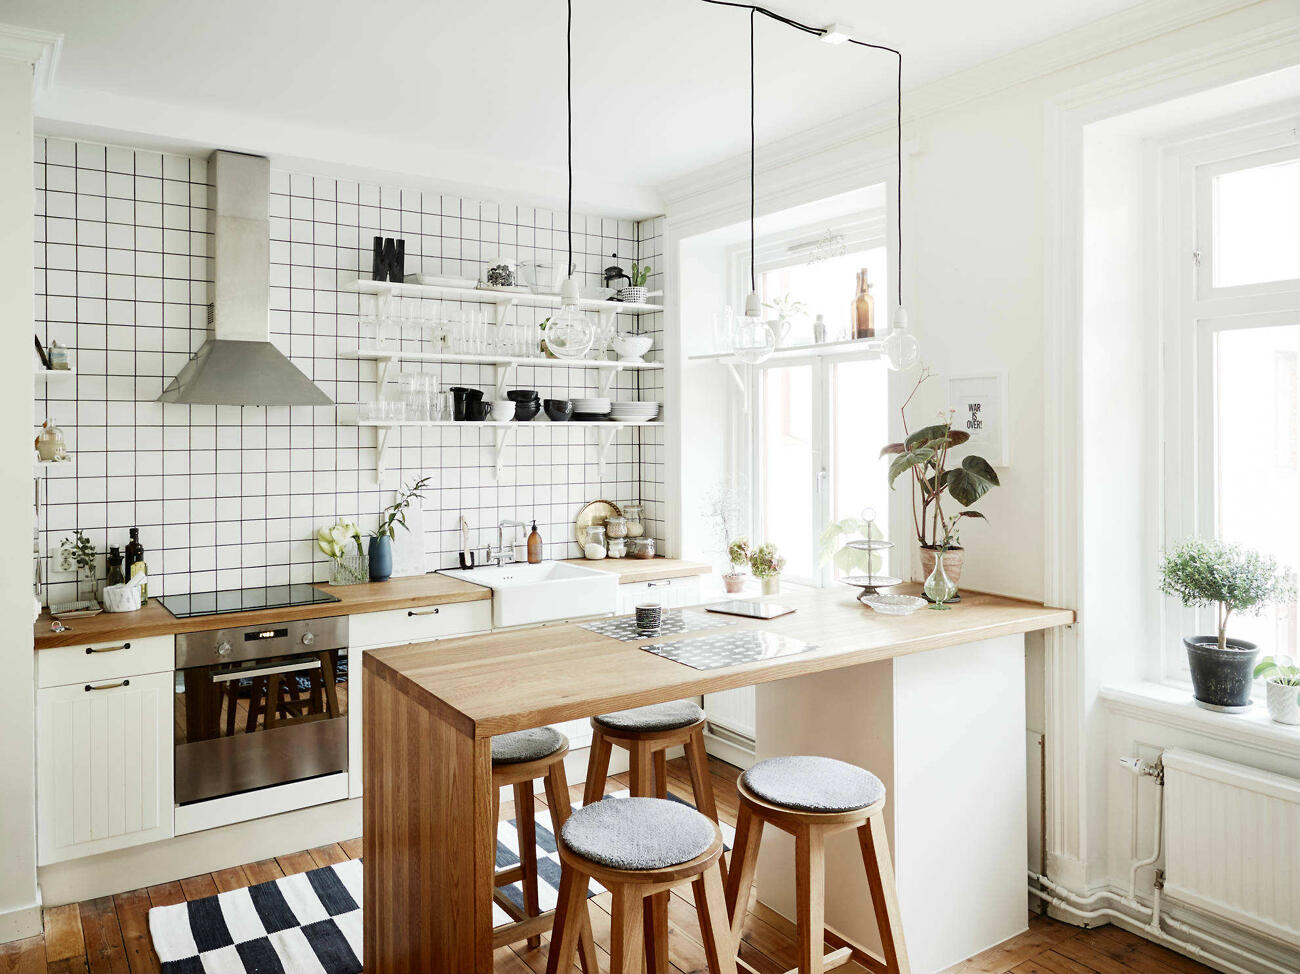 Ak na to máte priestor, zaobstarajte si kuchynský ostrovček - oceníte pracovnú plochu naviac aj ďalší úložný priestor. A kľudne ho môžete využívať ako jedálenský stôl